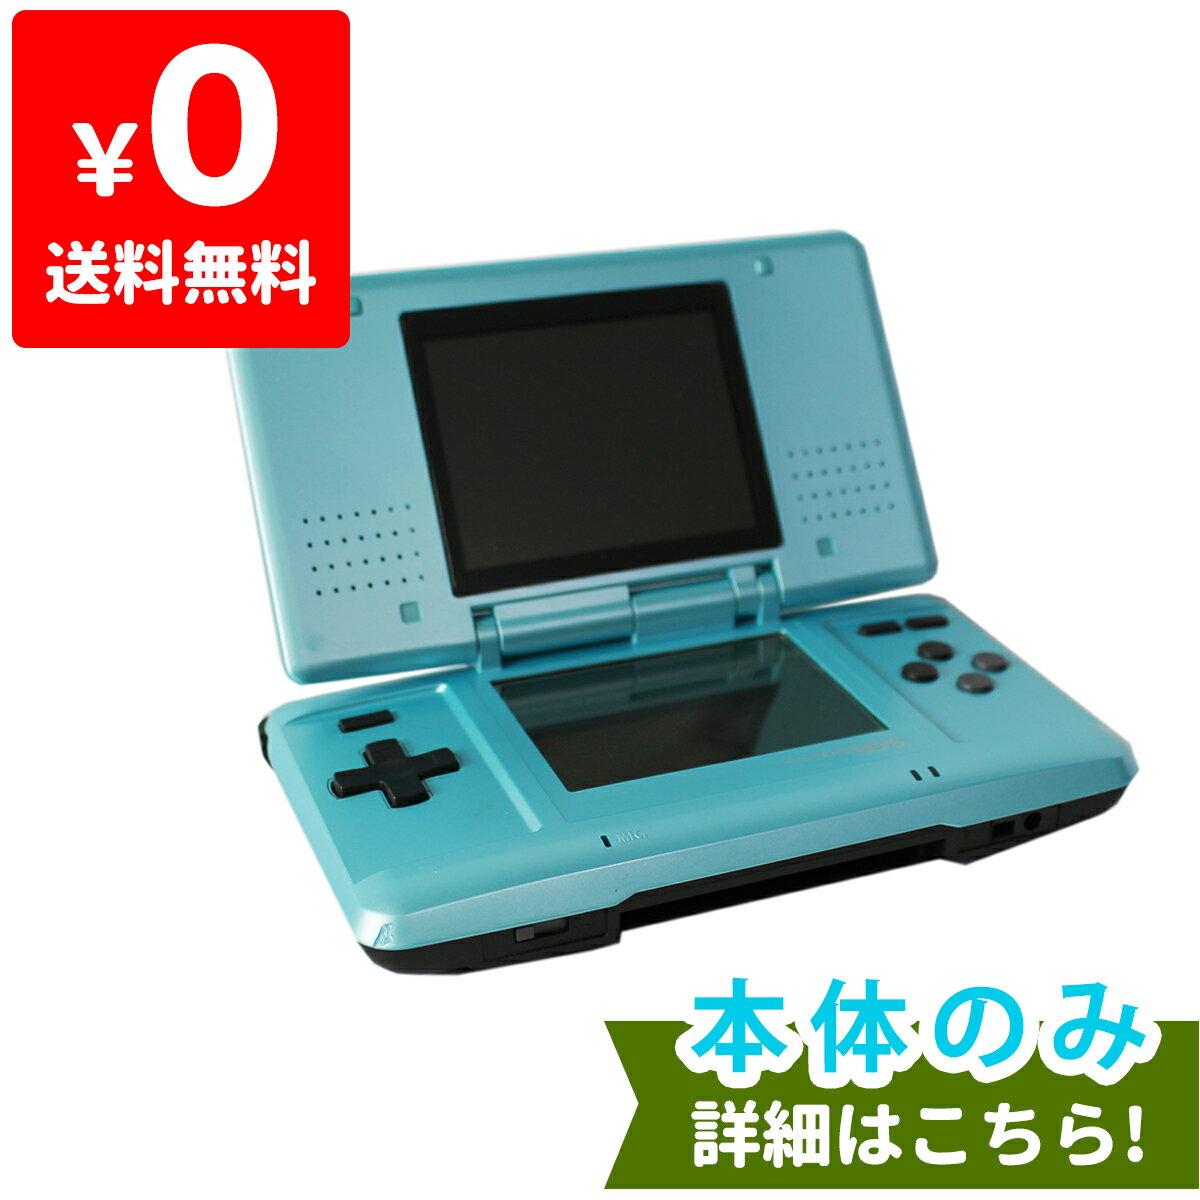 DS ニンテンドーDS ニンテンドーDS ターコイズブルー 本体のみ 本体単品 Nintendo 任天堂 ニンテンドー 中古 4902370509915 送料無料 【中古】